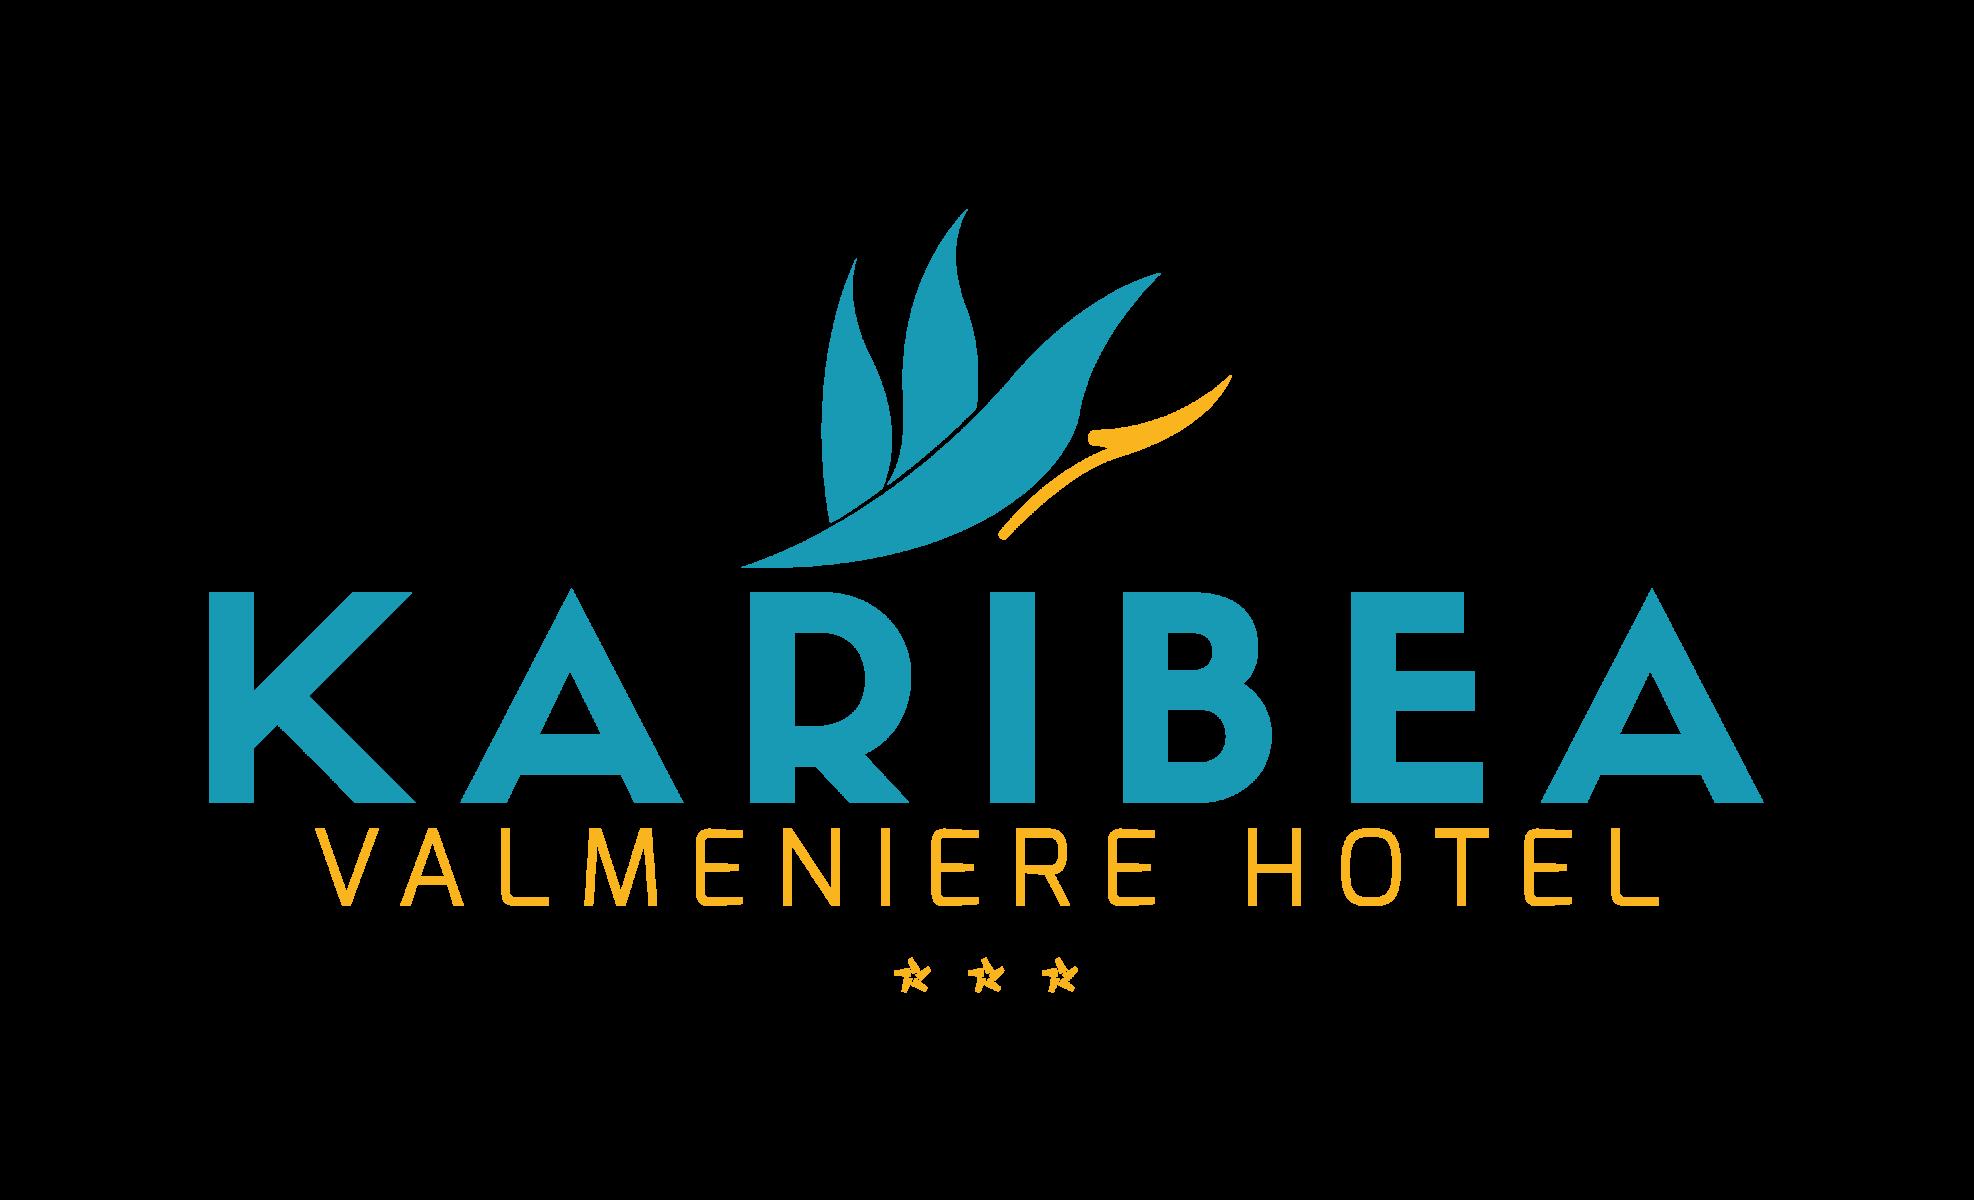 Logo Karibea La Valmenière Hotel